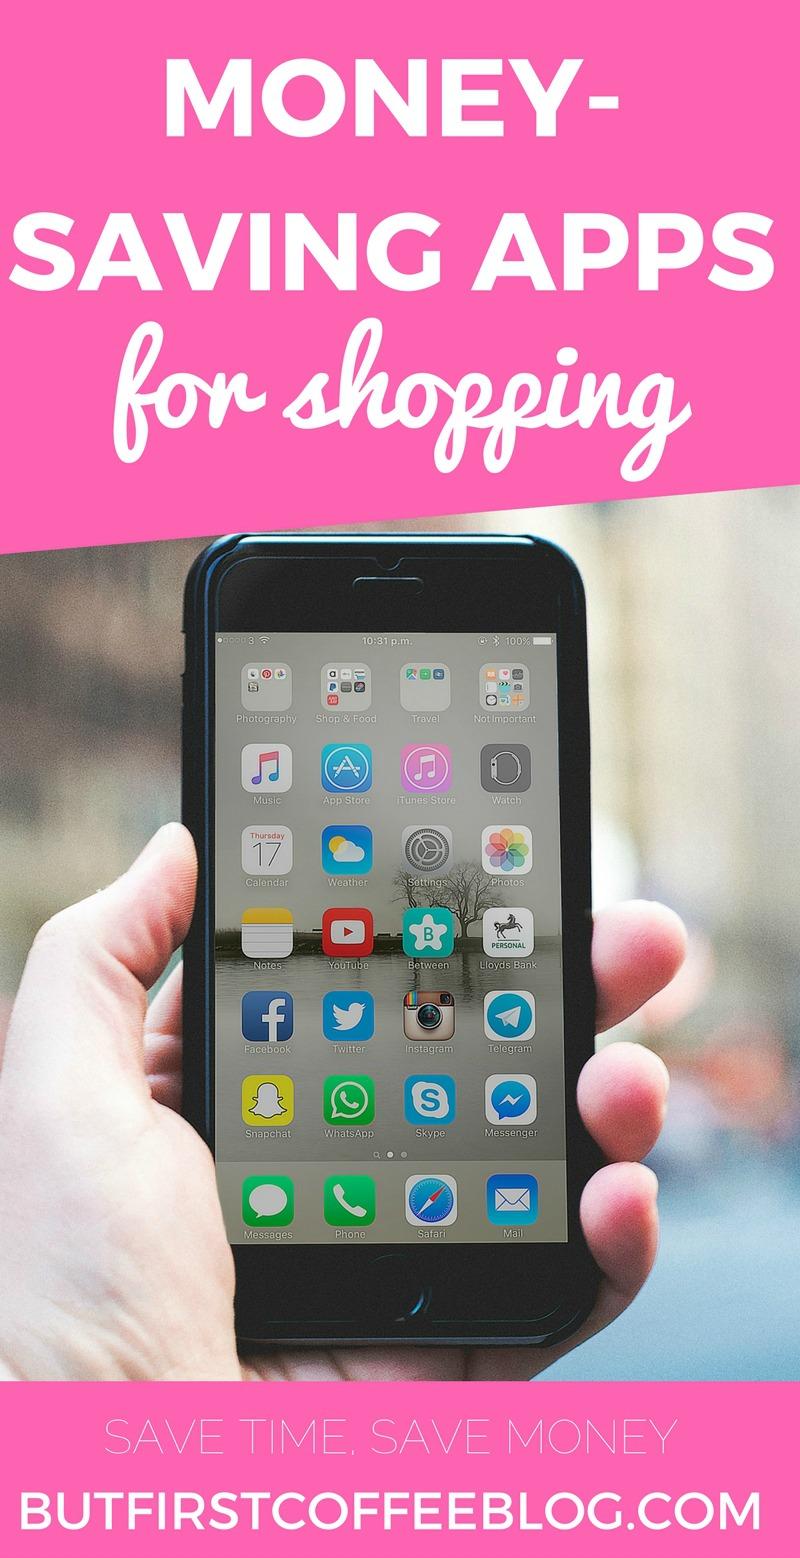 Money Saving Apps for Shopping   Money Shopping Hacks